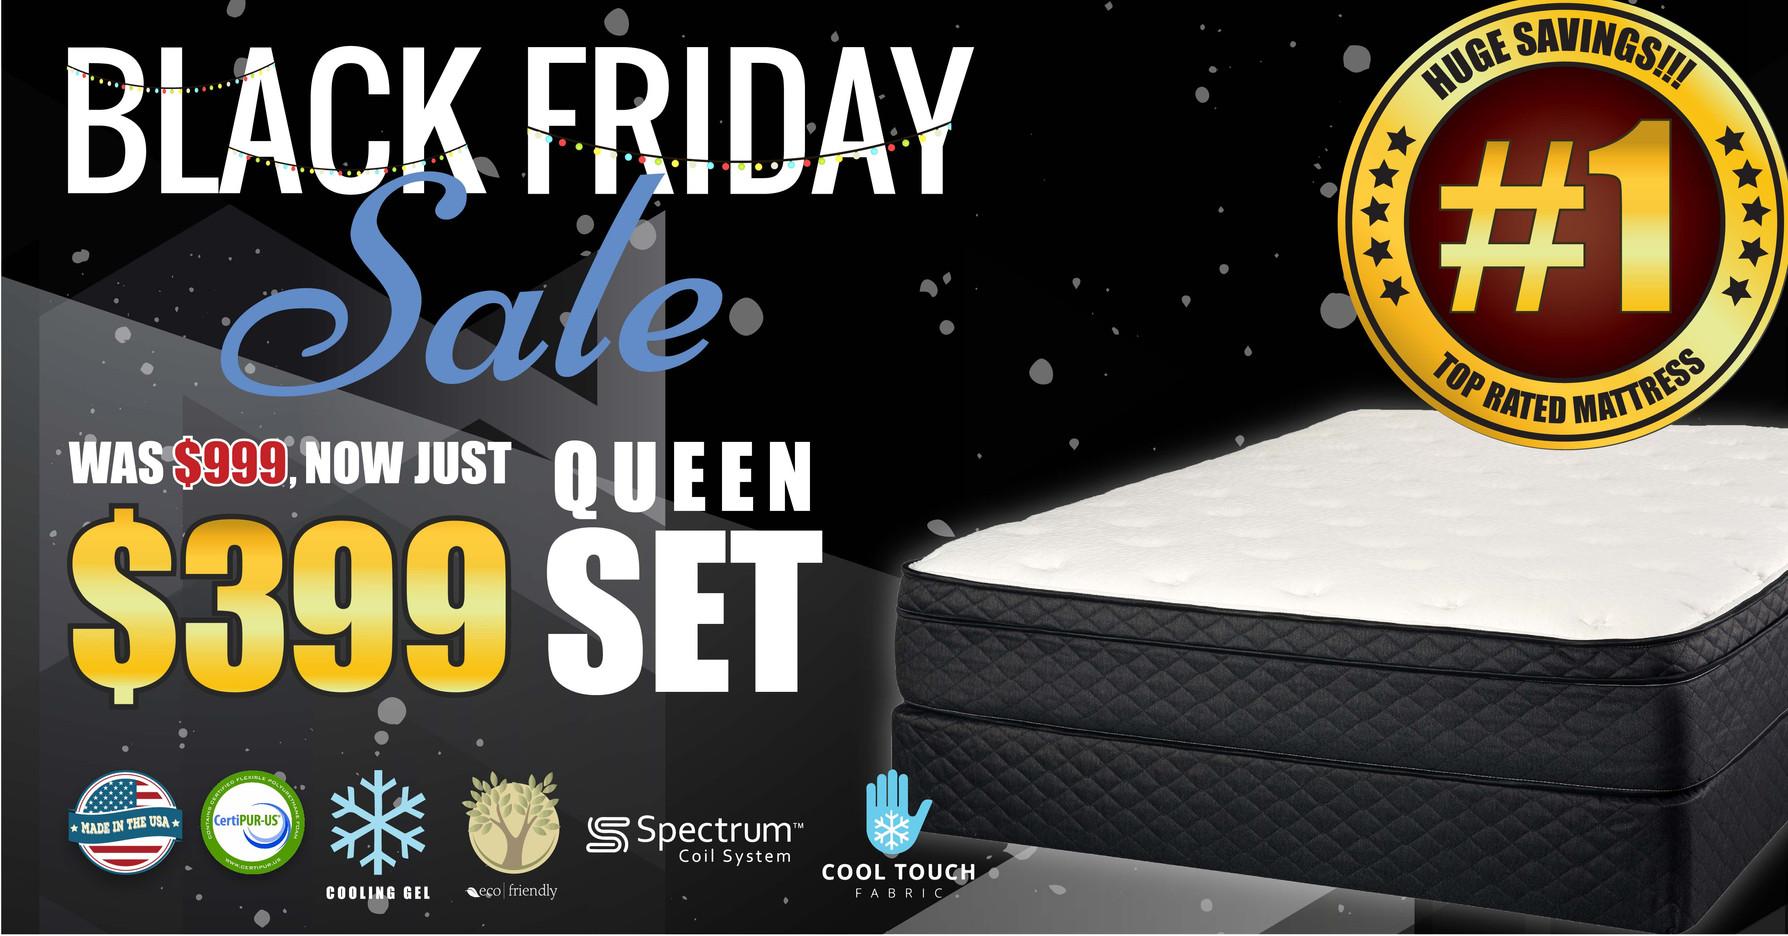 2019 Black Friday Digital Ads-1200x628_2